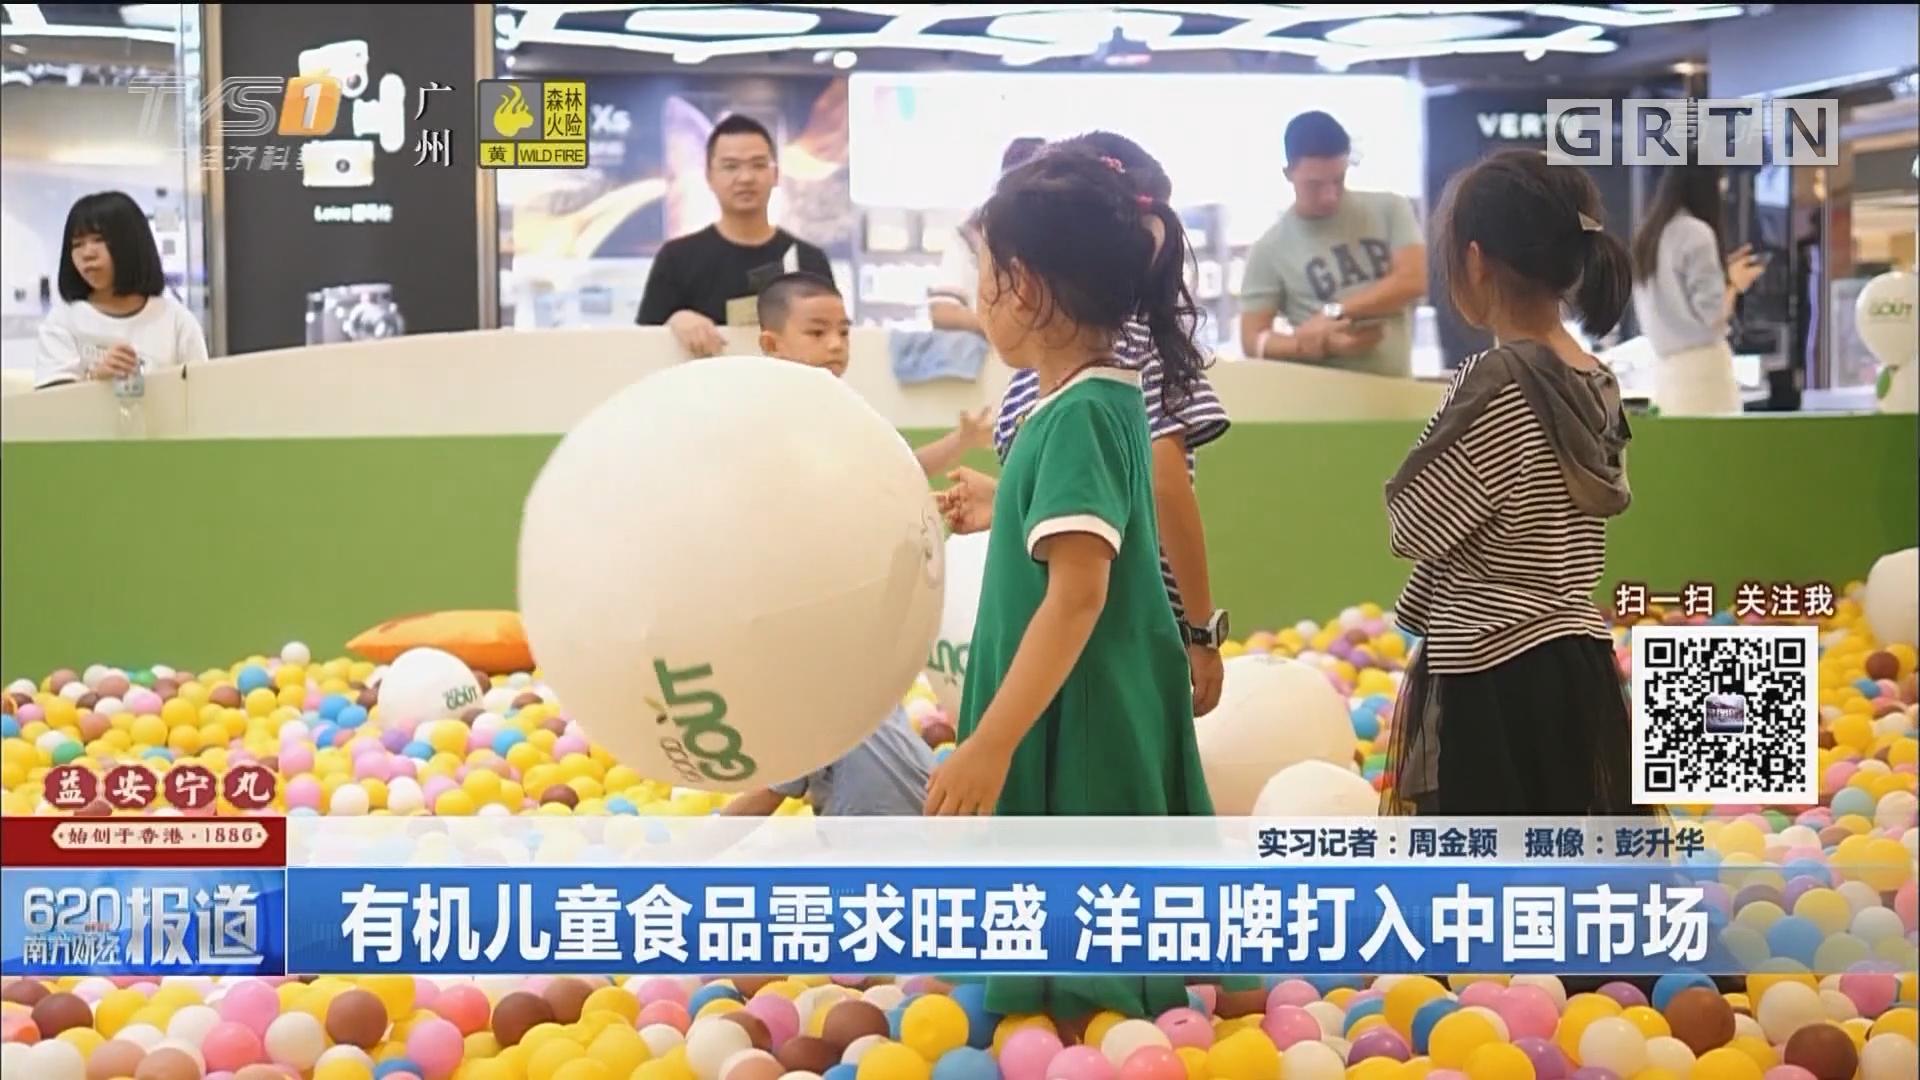 有机儿童食品需求旺盛 洋品牌打入中国市场